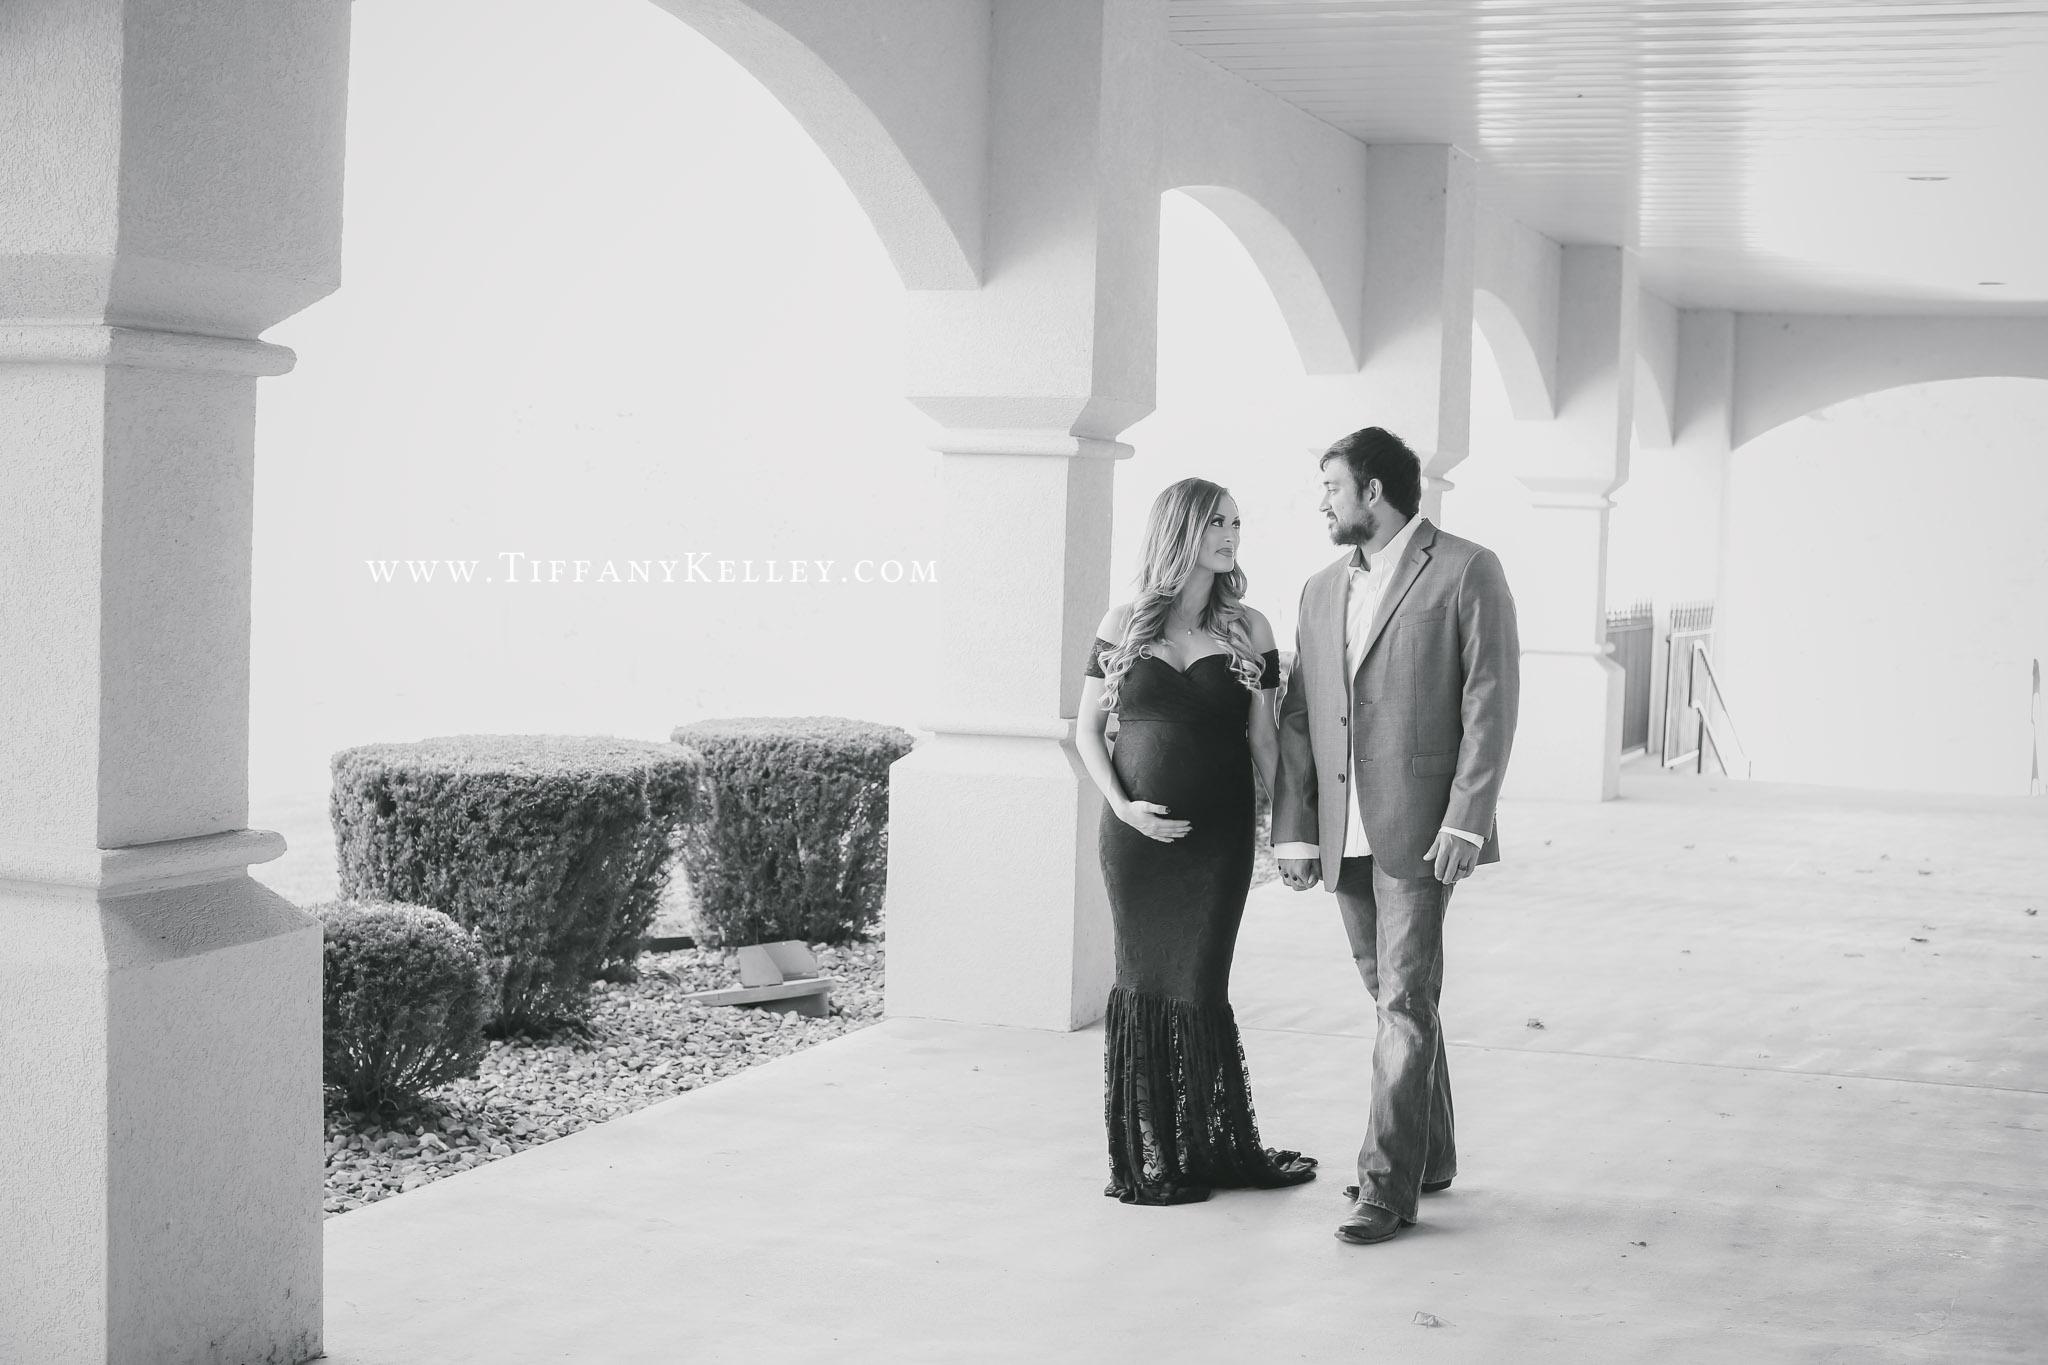 07-branson-mo-maternity-photographer-tiffany-kelley-photography